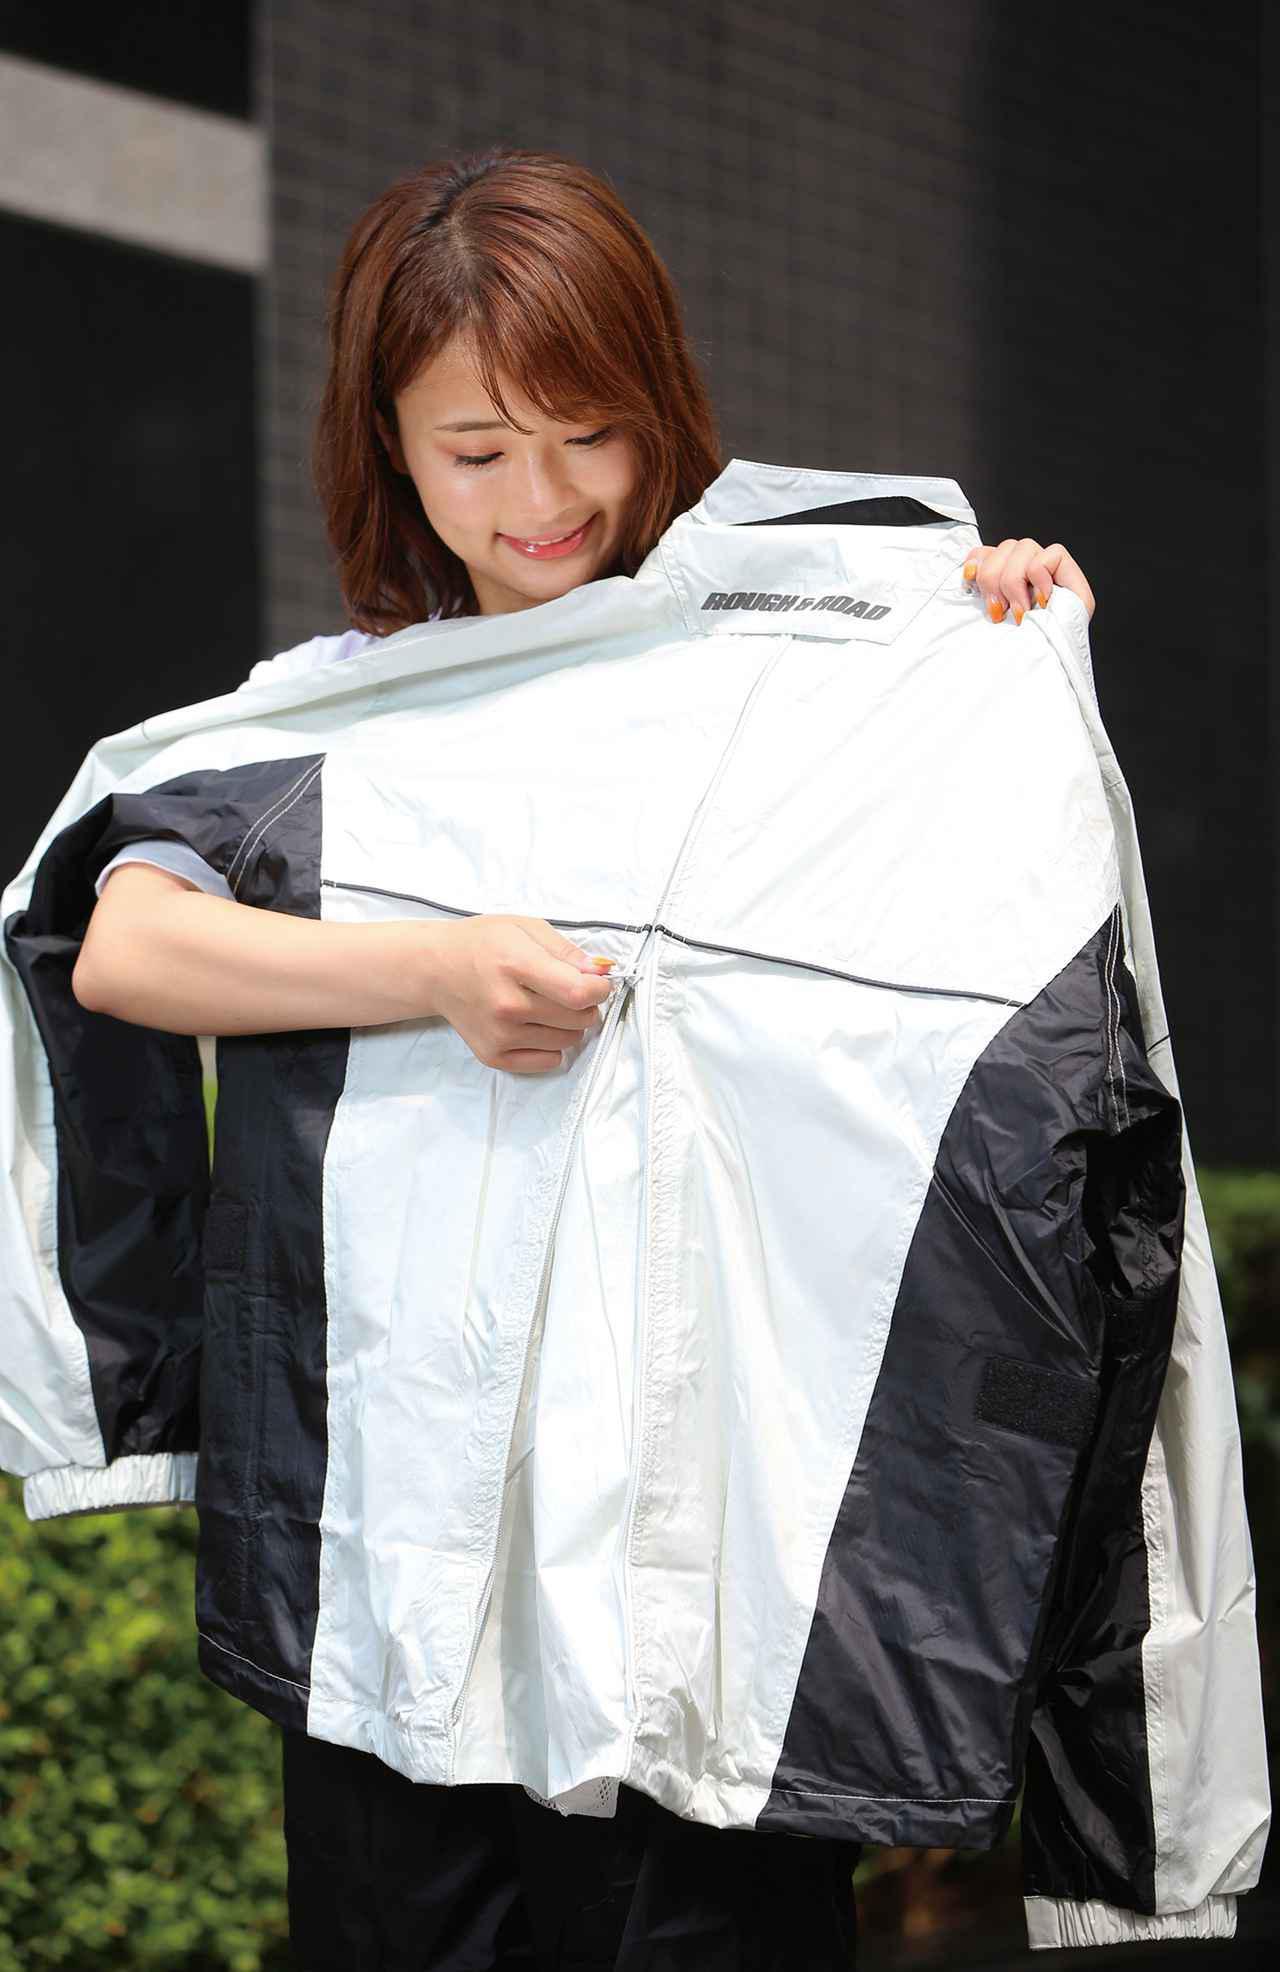 画像: 背中中央の縦長ファスナーを開くと深めのマチが現れる。ウエストバッグやヒップバッグ装着時はファスナーを半開程度にしておけばいい。